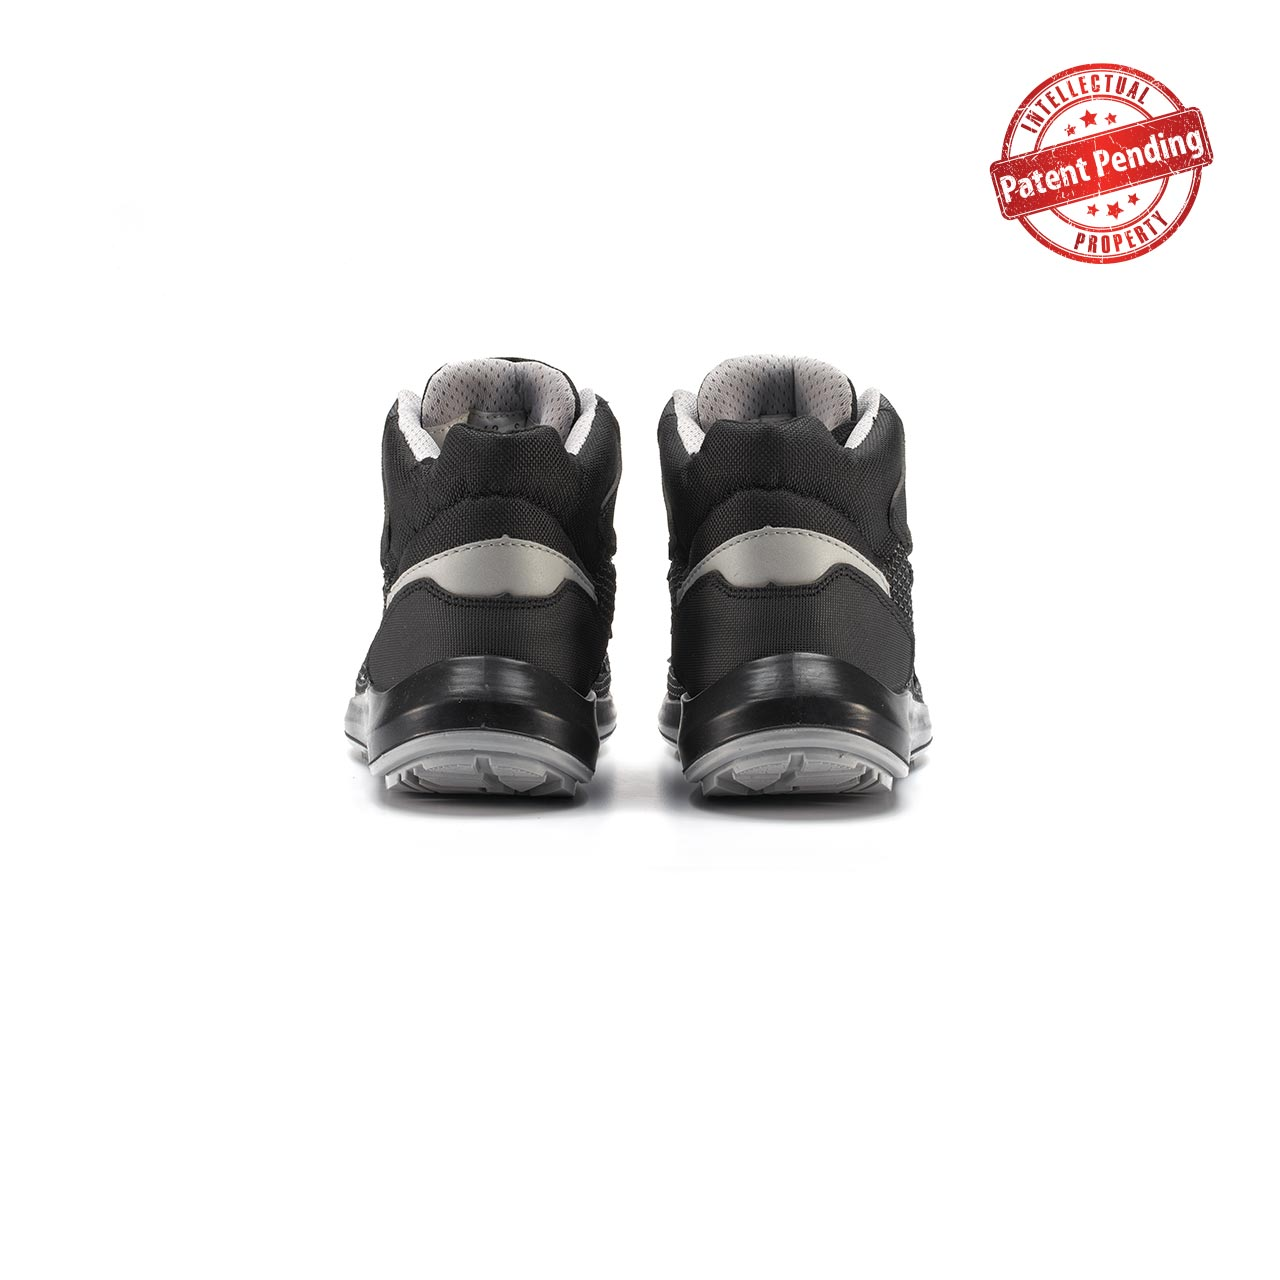 paio di scarpe antinfortunistiche alte upower modello velar linea redup vista retro